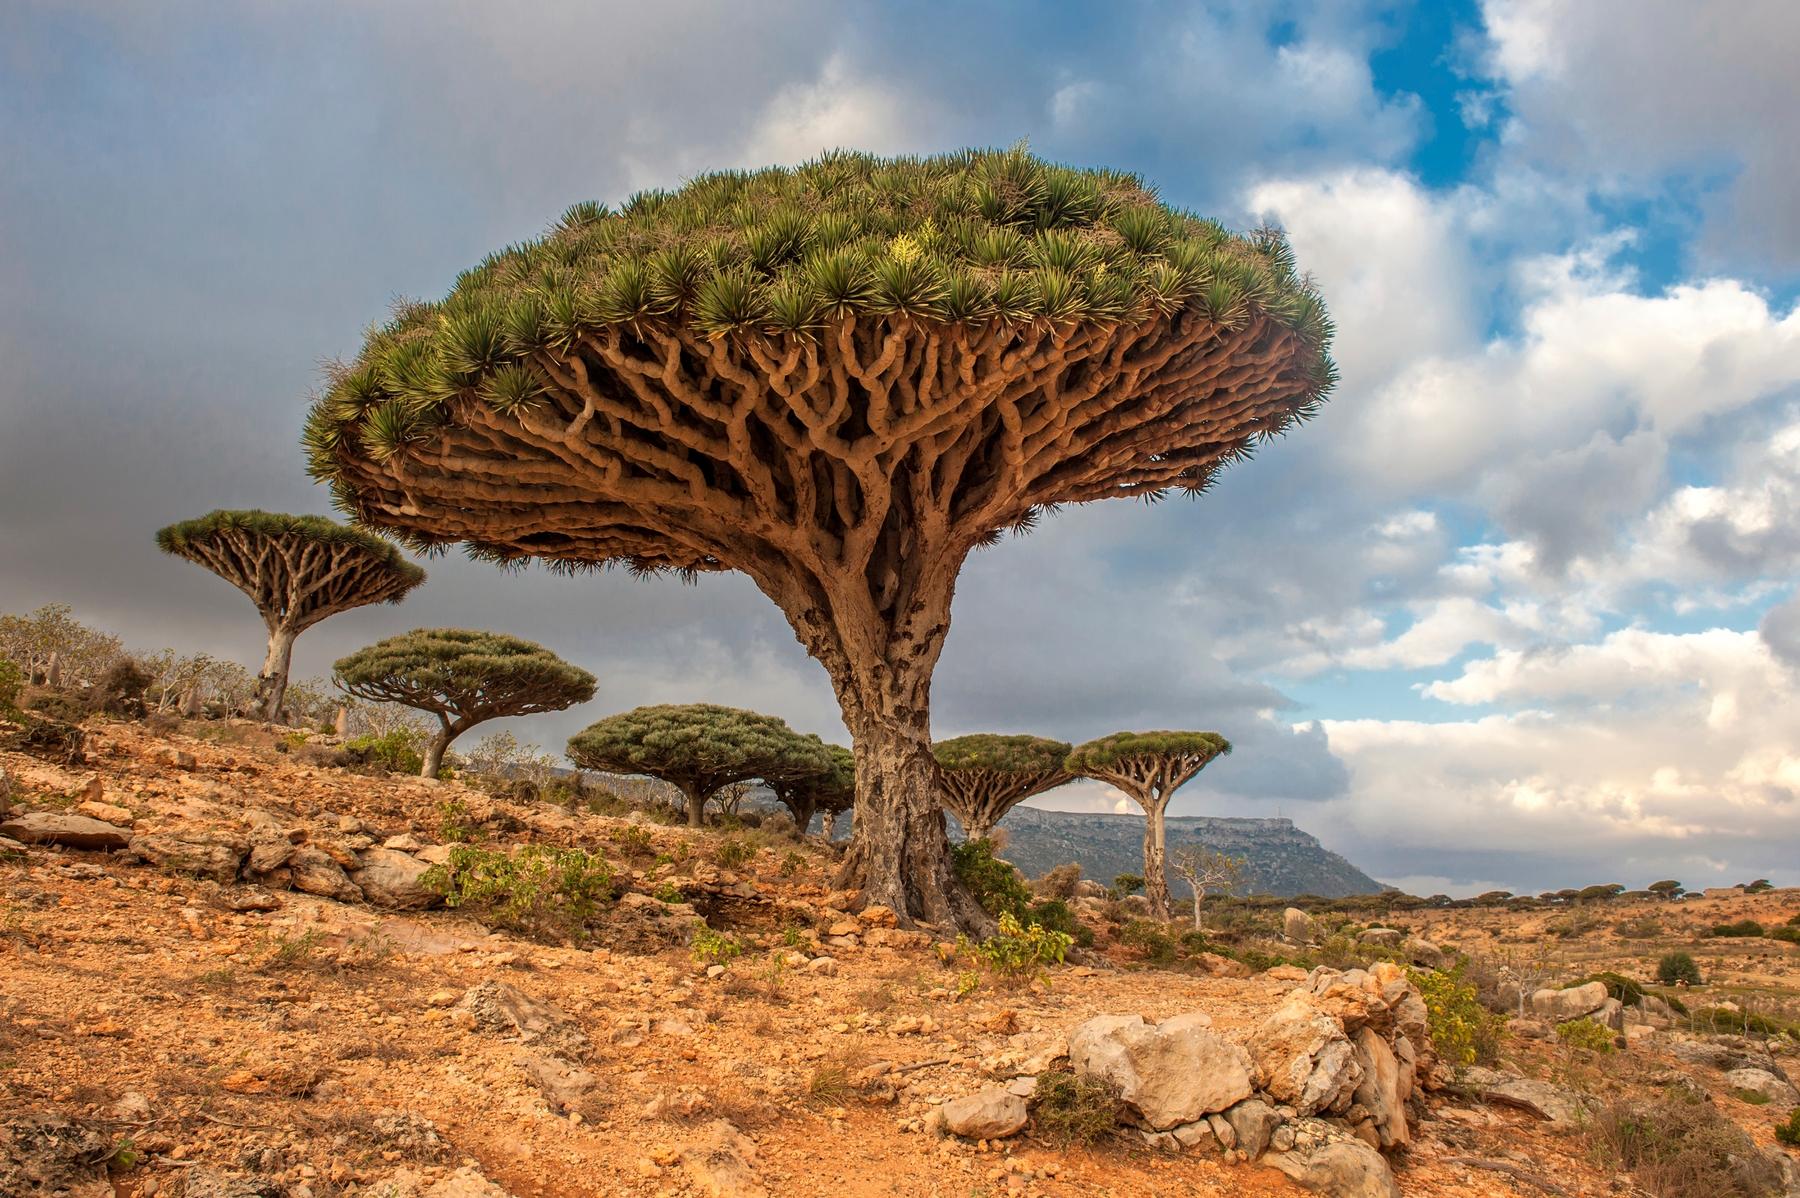 Драцена киноварно-красная,  также Драконово дерево Сокотры (лат. Dracaena cinnabari), — древесное растение, вид рода Драцена (Dracaena) семейства Спаржевые (Asparagaceae). Эндемик и символ острова Сокотра, источник красной смолы «драконова кровь»